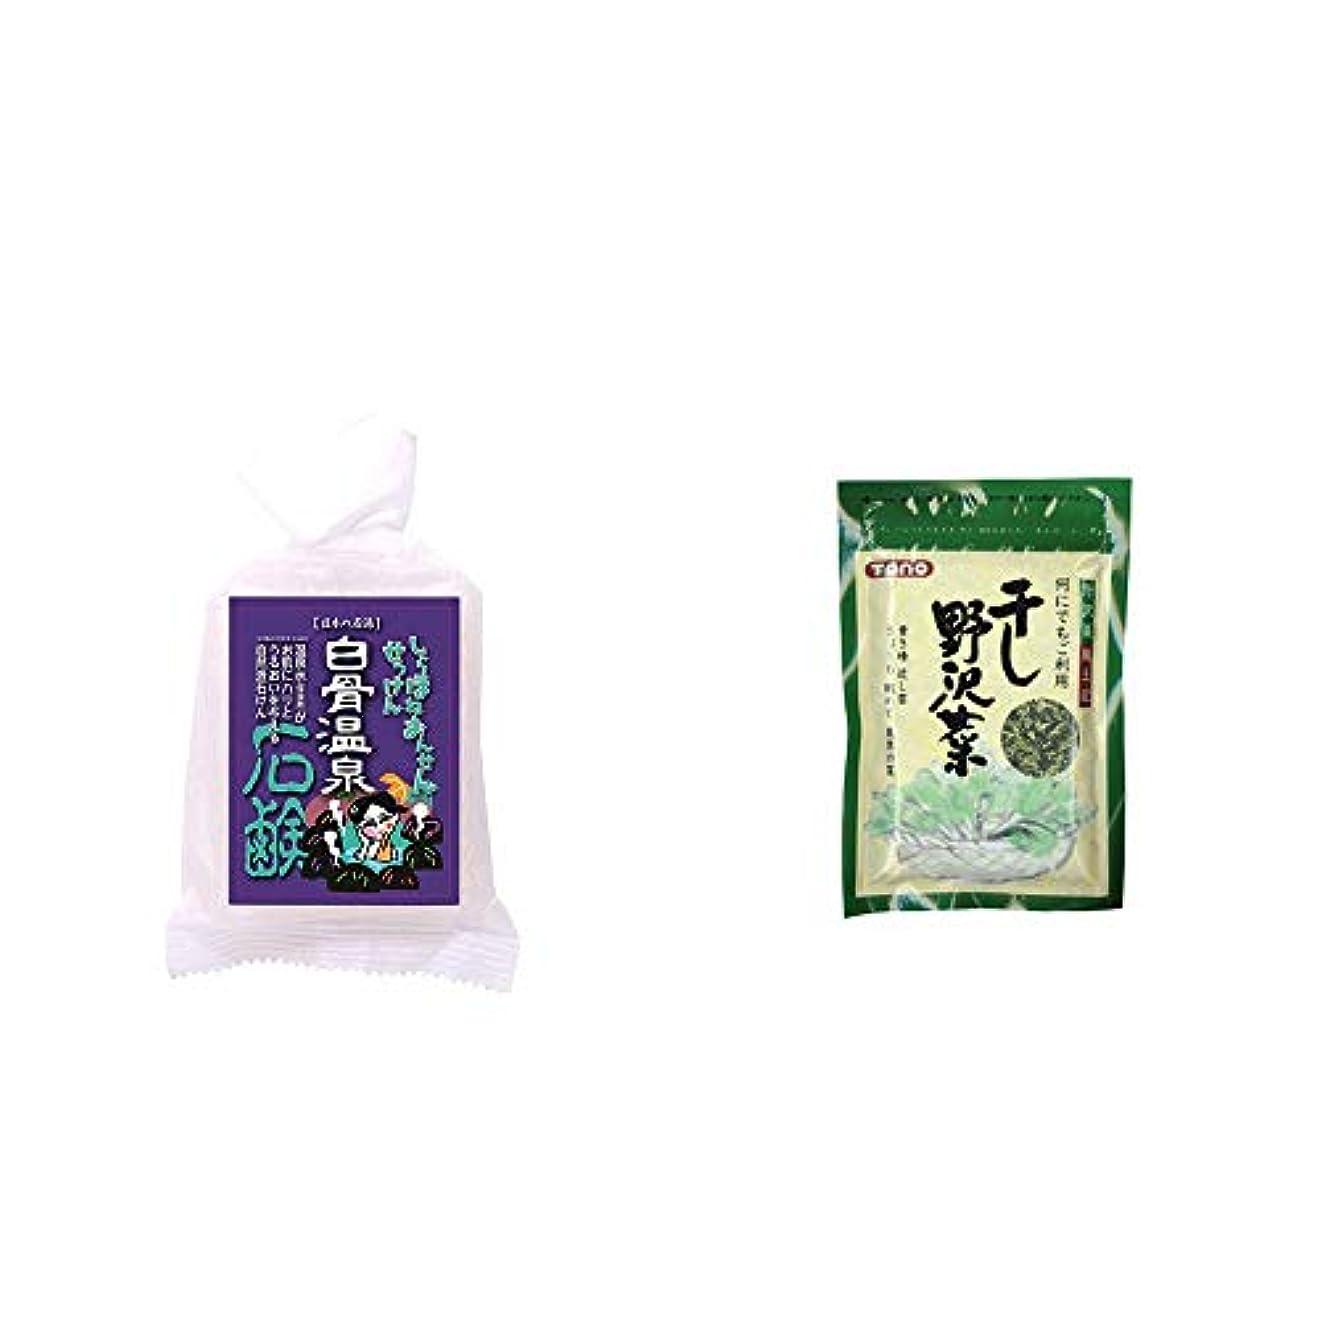 勢いバーター開発する[2点セット] 信州 白骨温泉石鹸(80g)?干し野沢菜(100g)